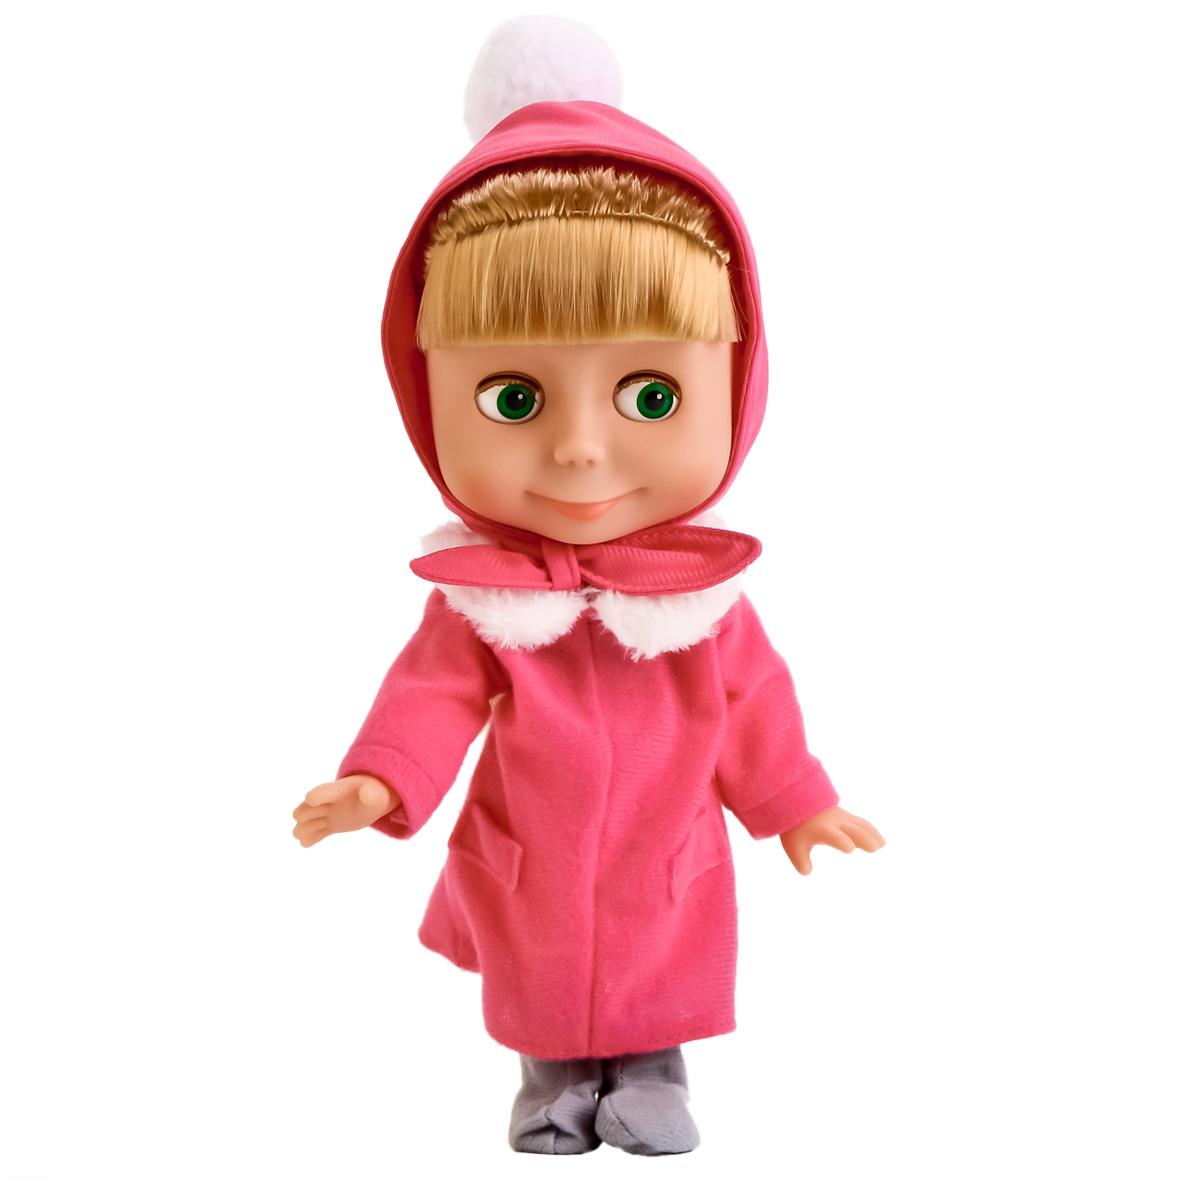 Кукла Карапуз Маша в зимней одежде - купить в Белгороде ...